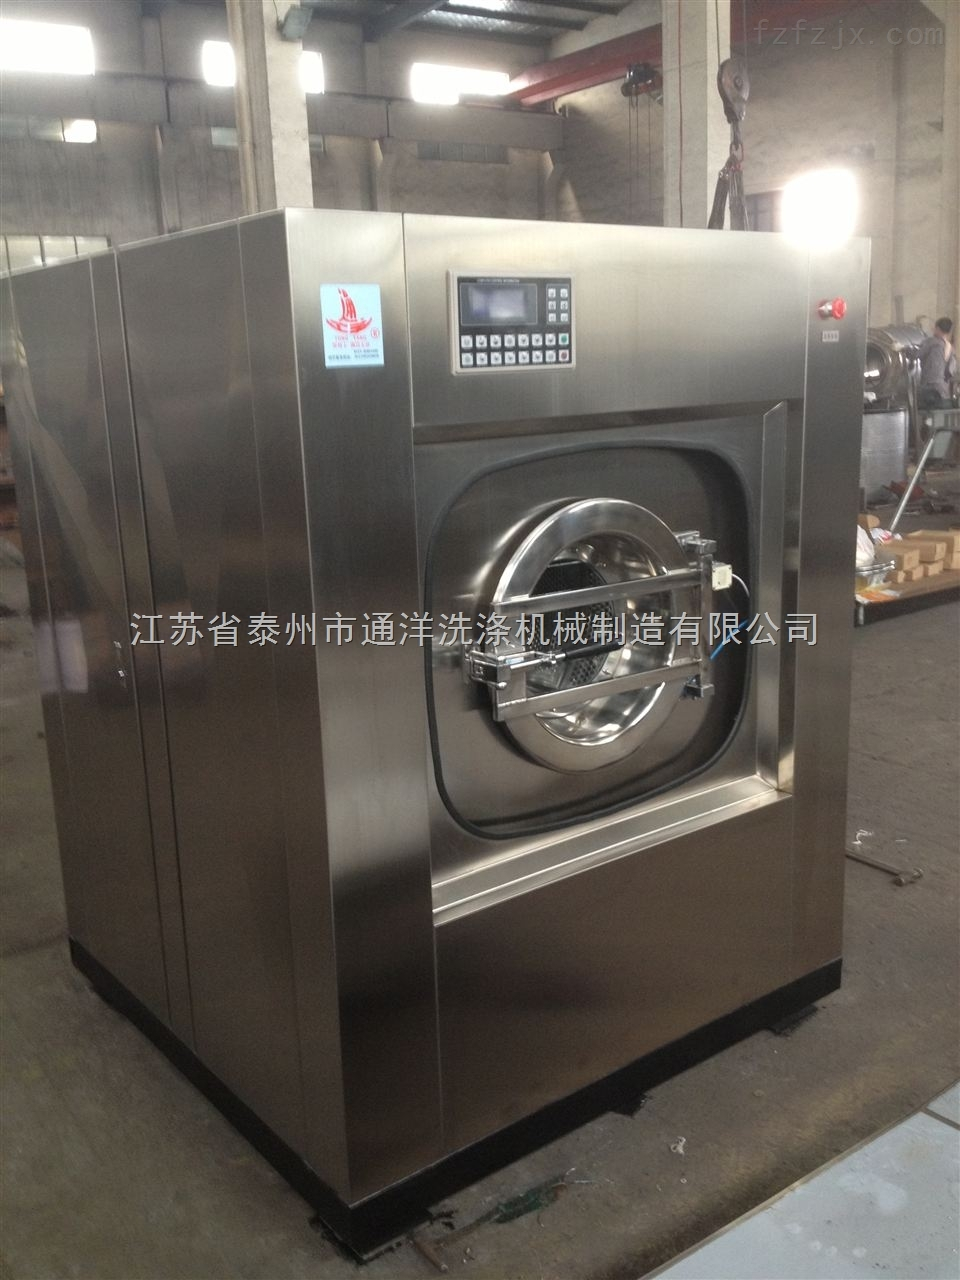 泰州通洋洗衣房全自动工业洗衣机